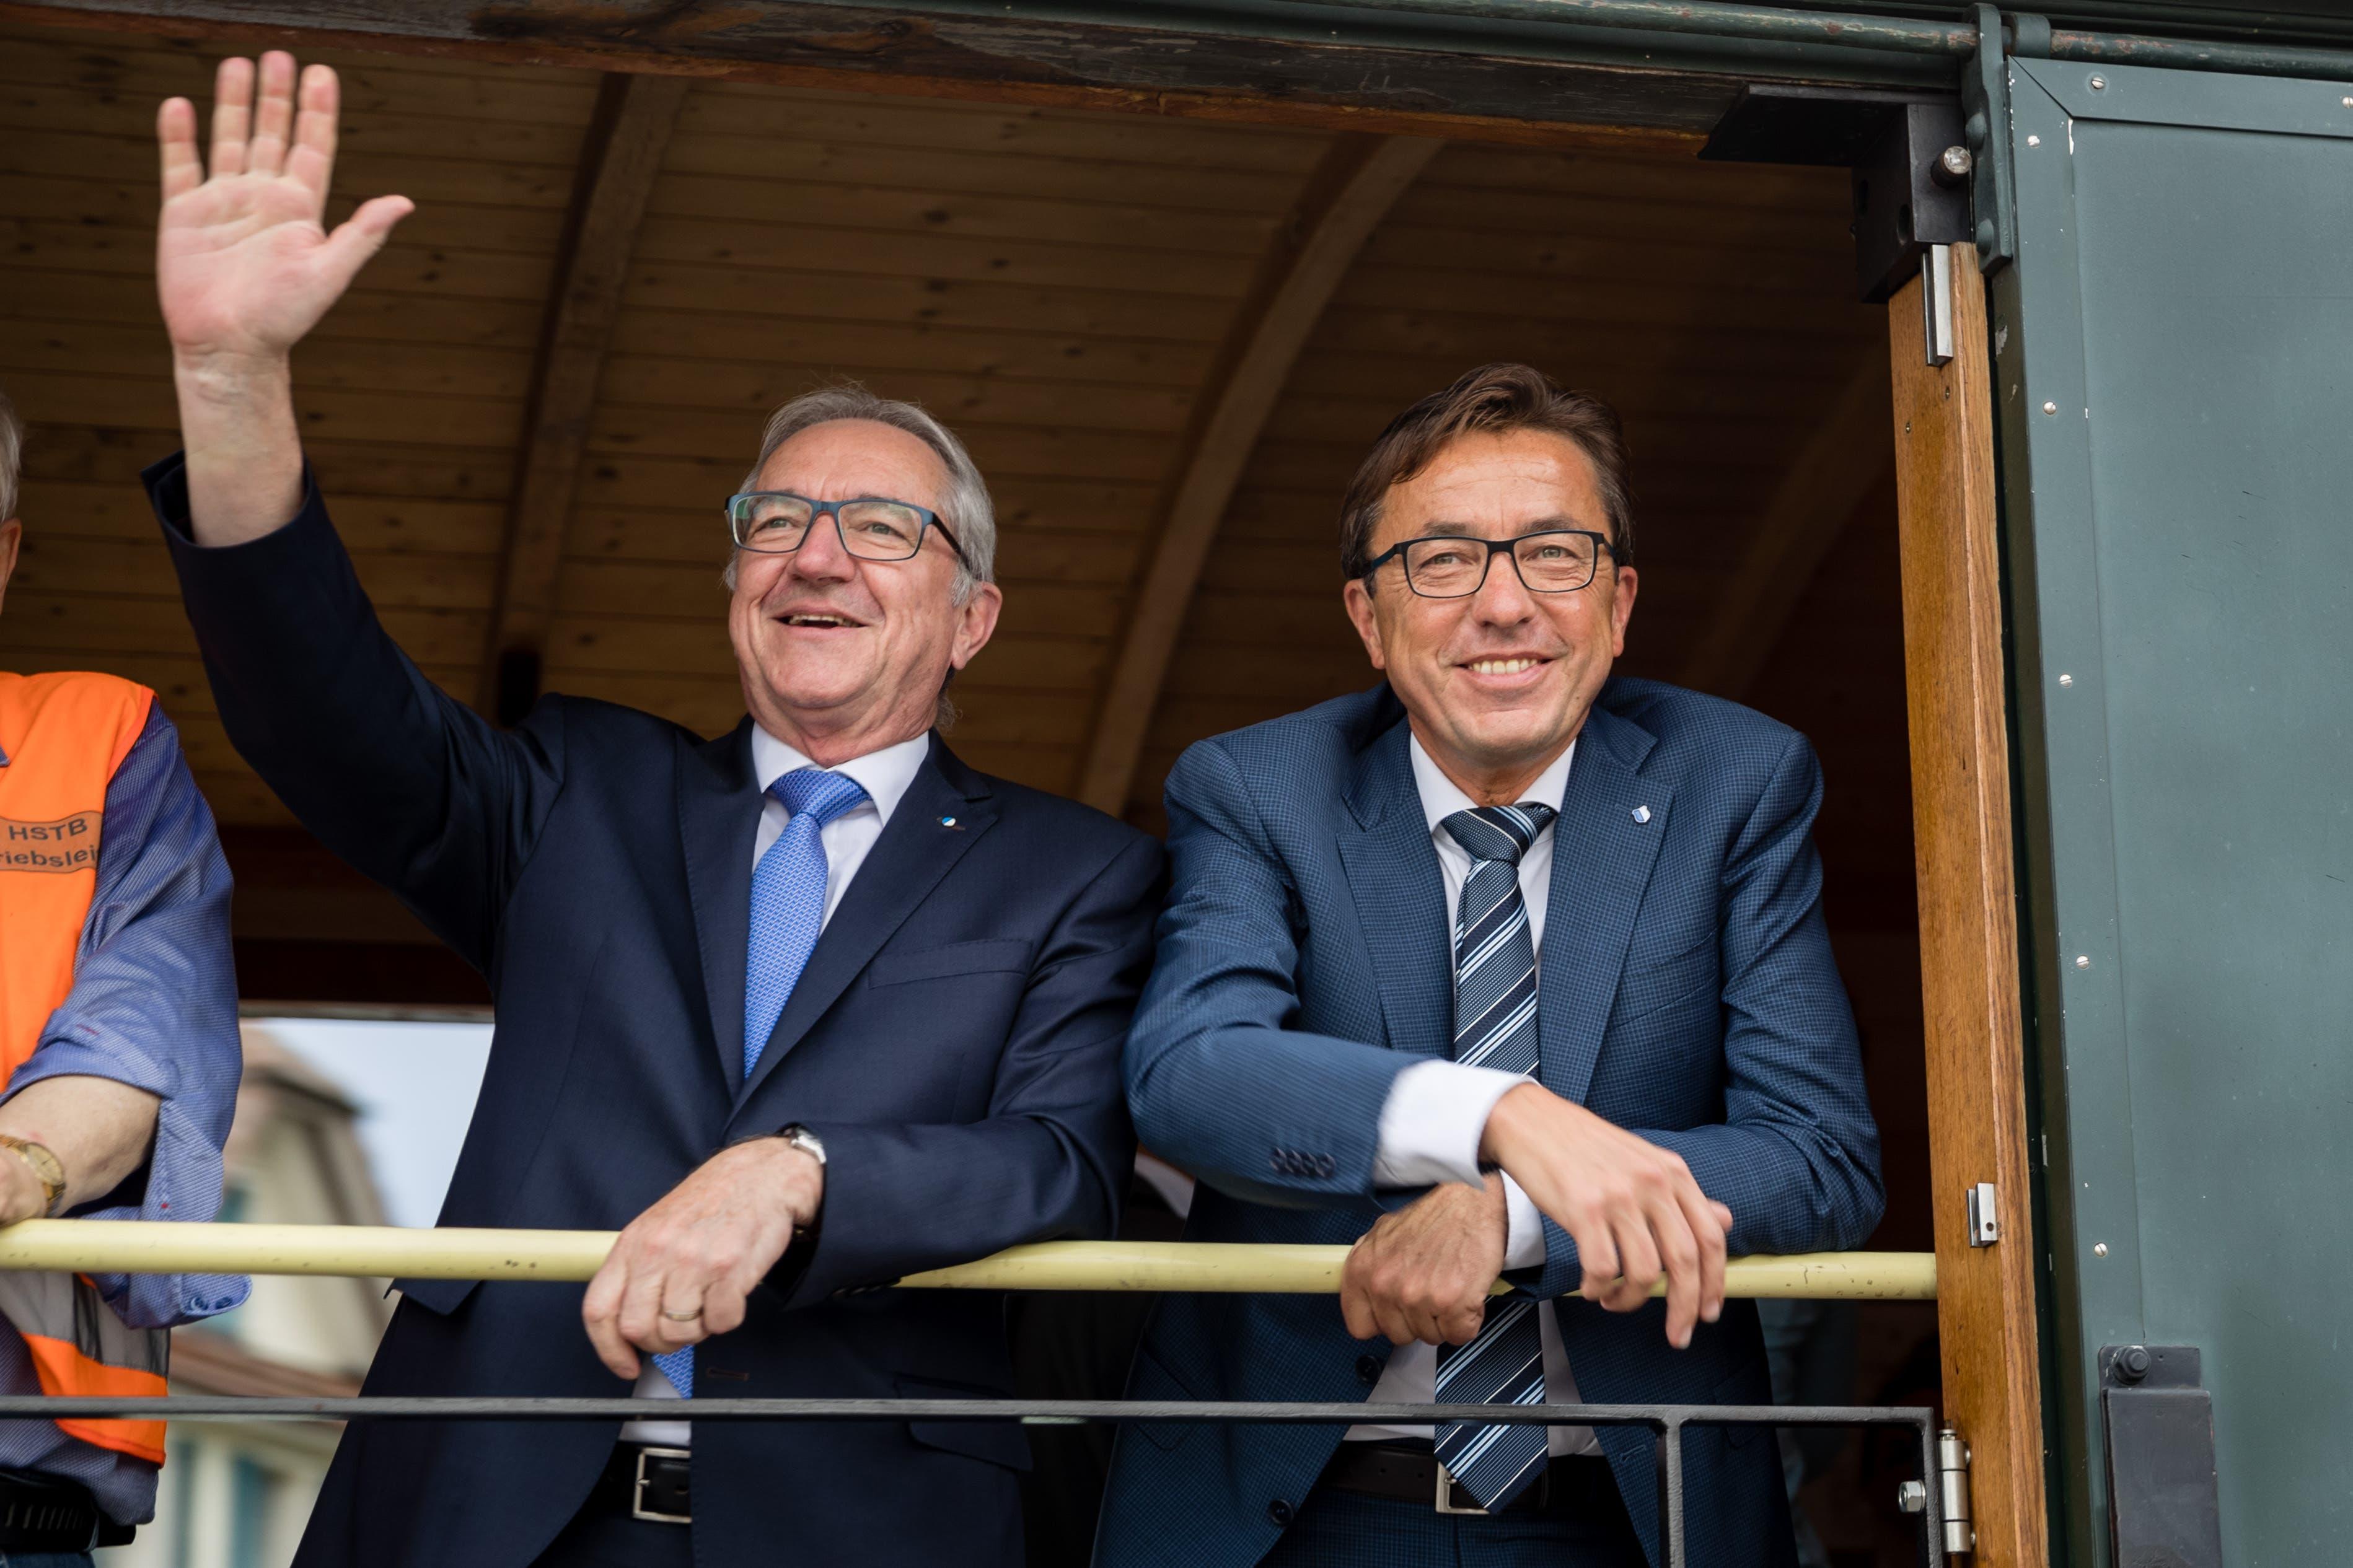 Noch-Regierungspräsident Robert Küng (links, FDP) und Kantonsratspräsident Josef Wyss (CVP) kommen mit dem Extrazug aus Luzern an.